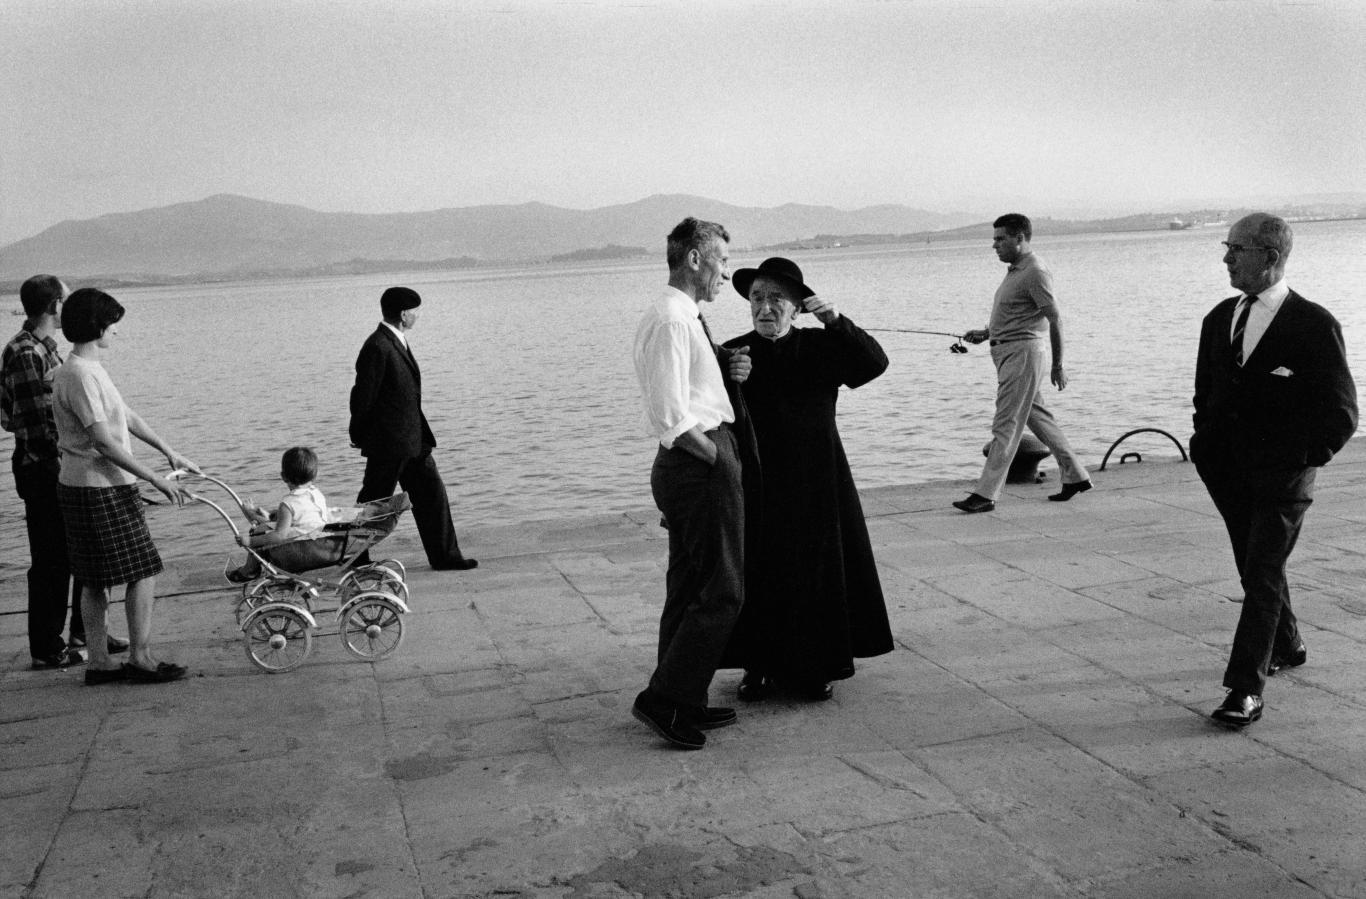 Grupo de personas paseando cerca del mar